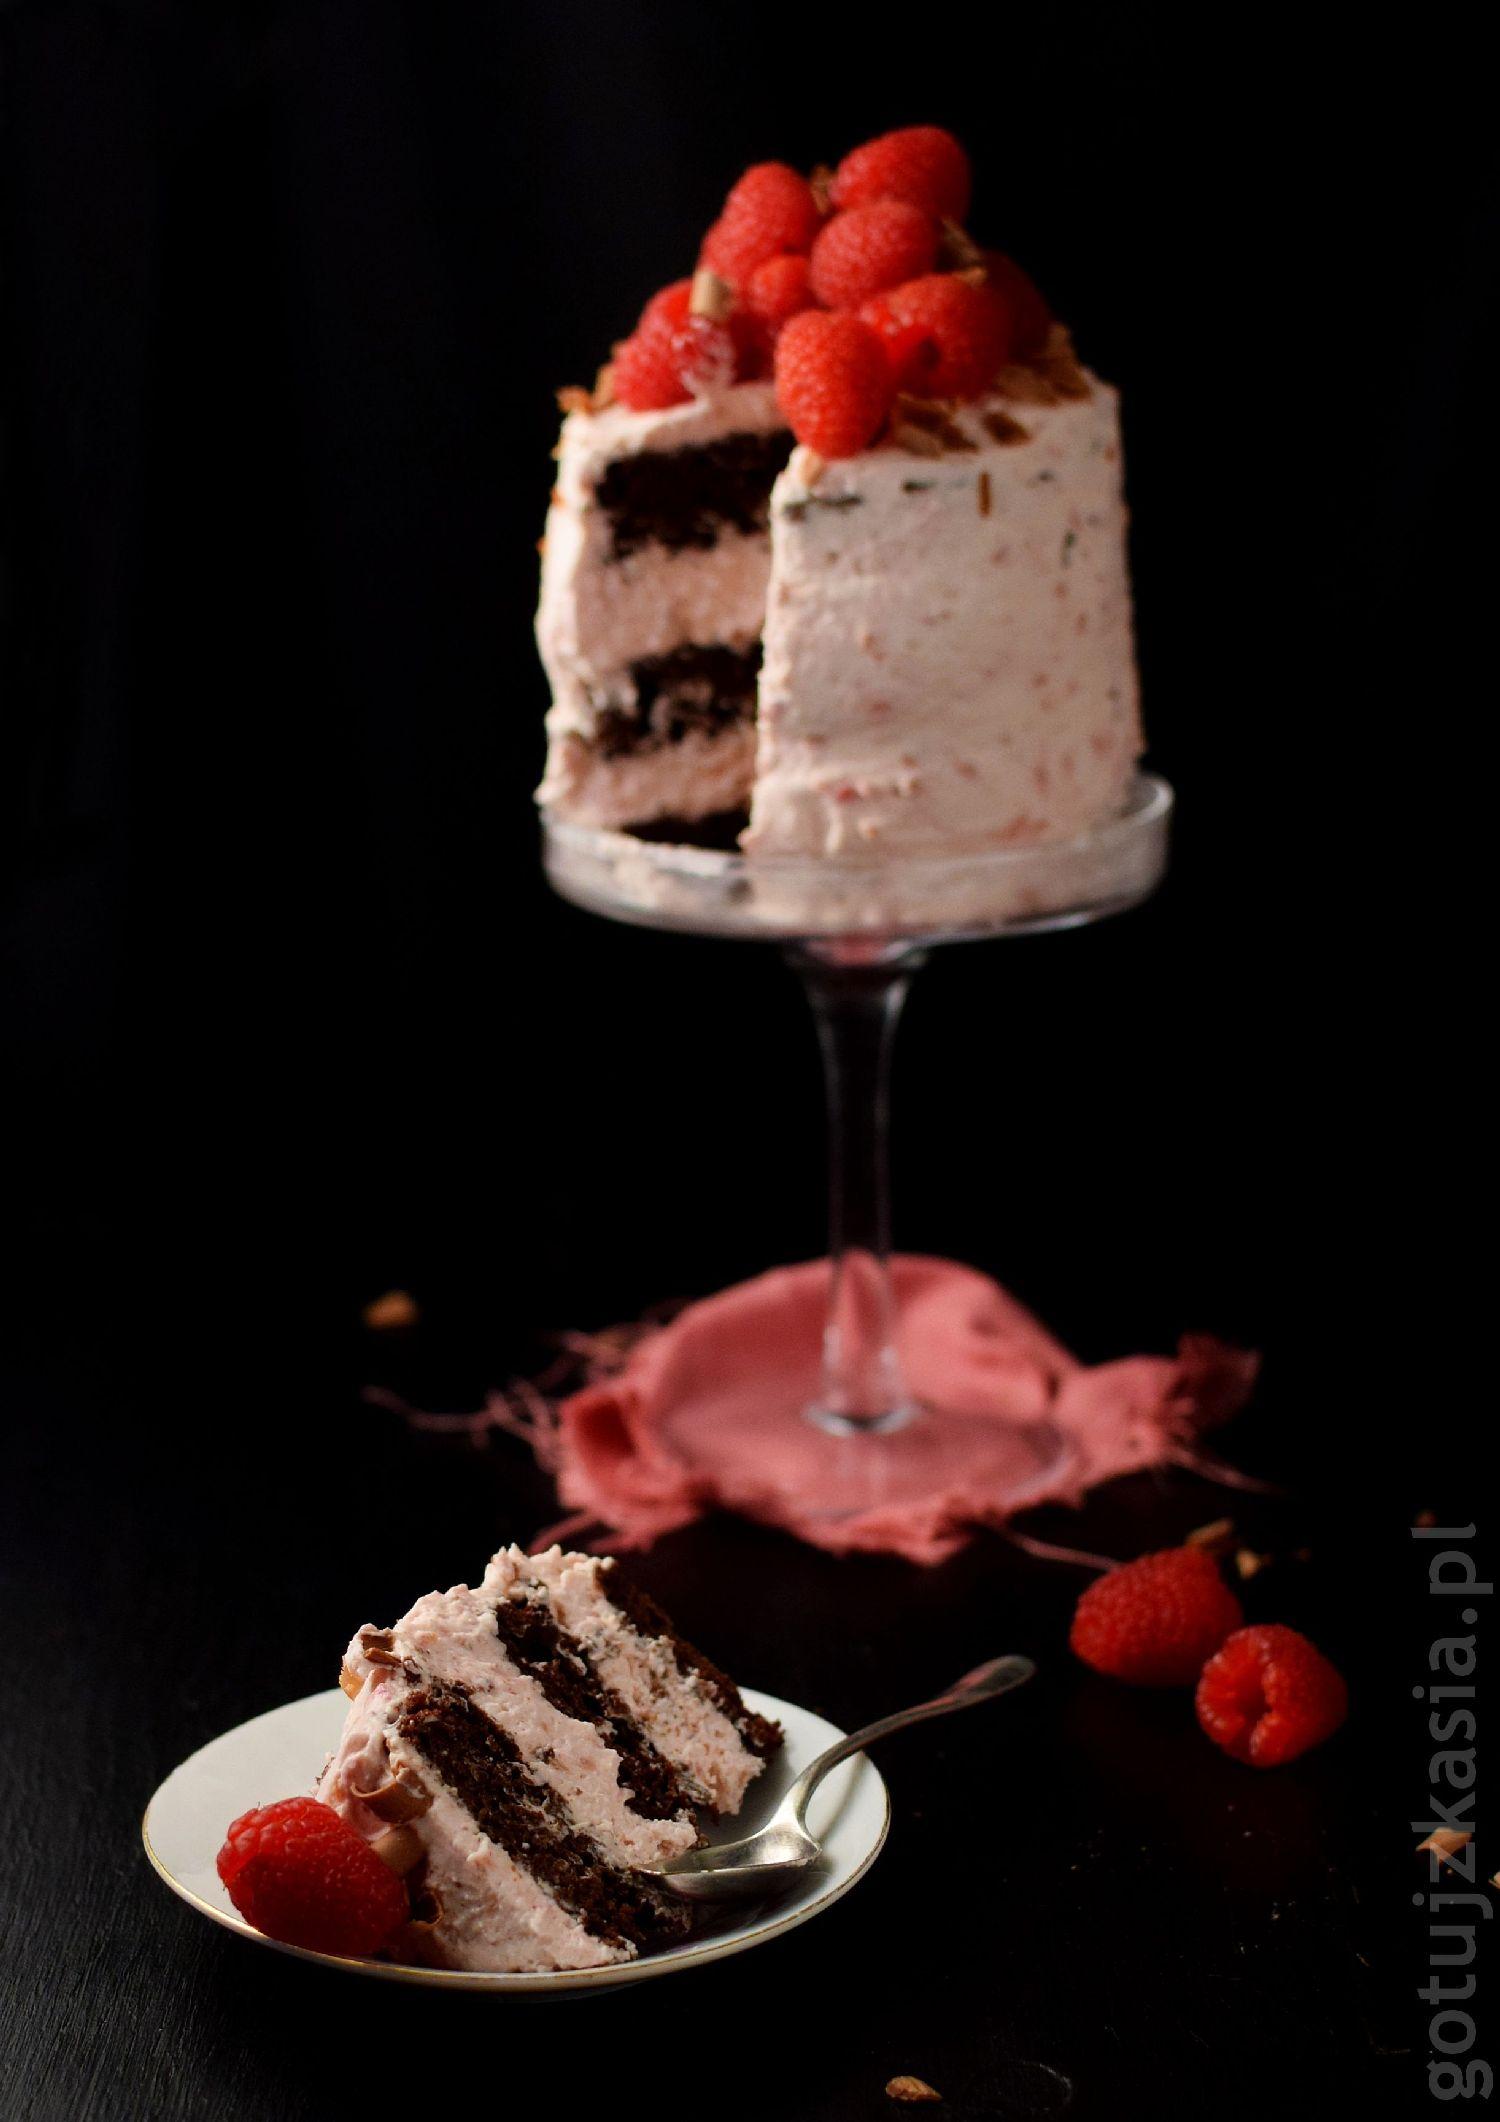 torcik czekoladowo-malinowy 2